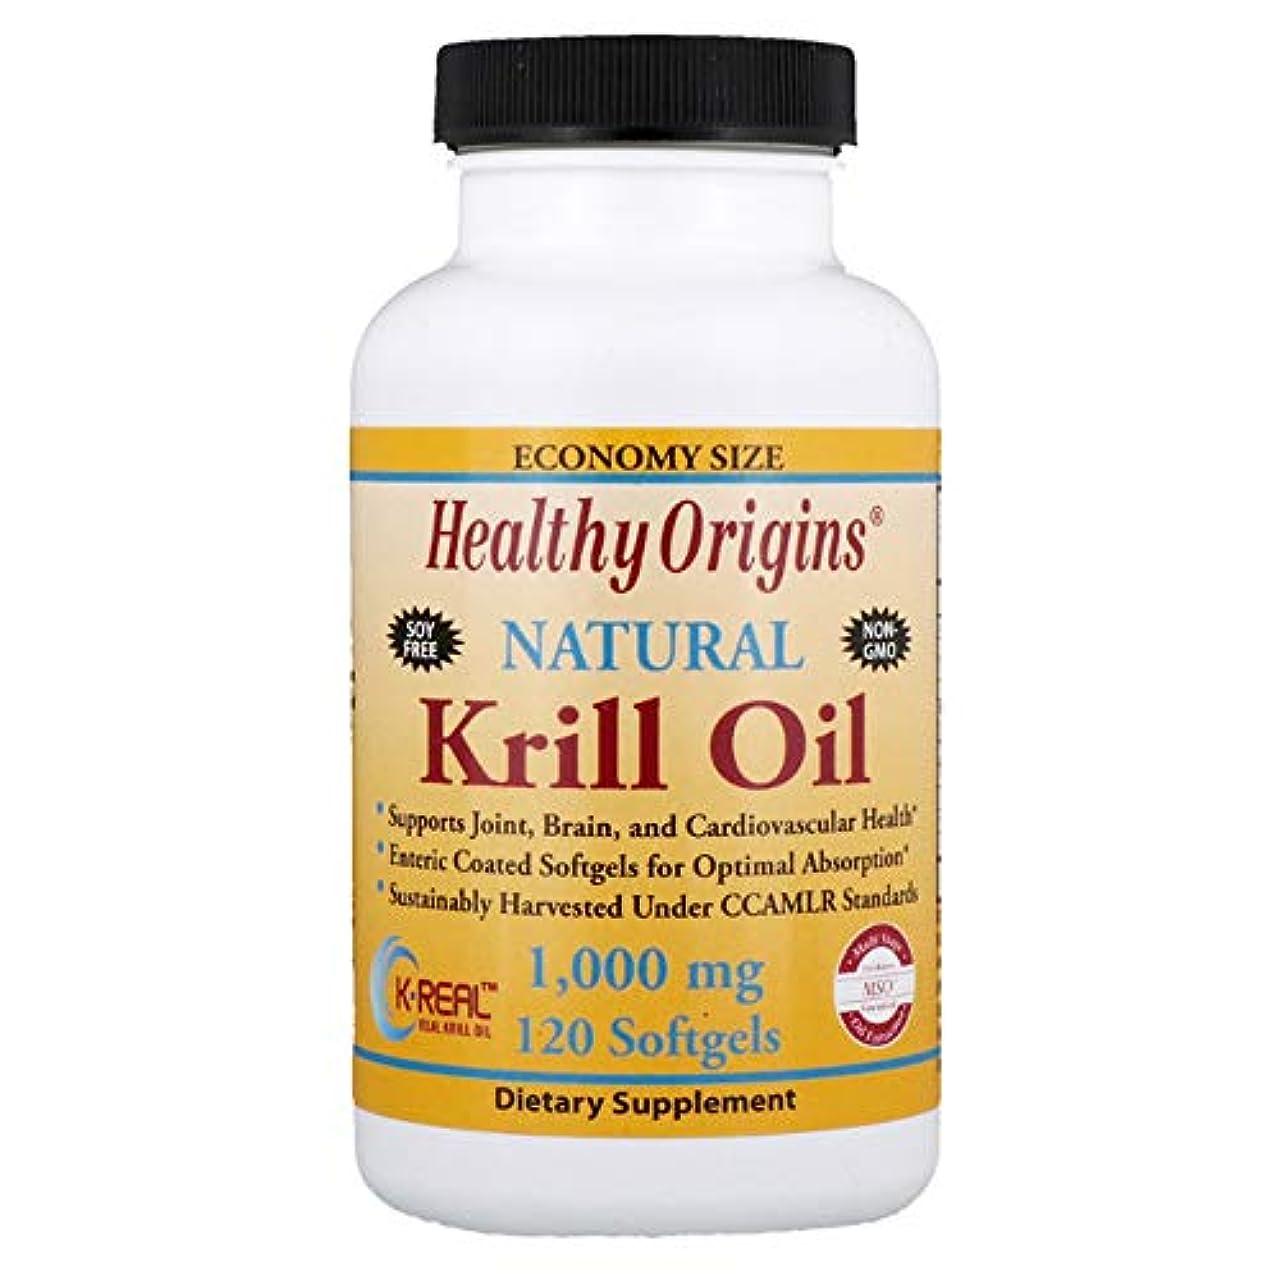 敬意を表して仕事に行くようこそHealthy Origins Krill Oil Natural Vanilla Flavor 1000 mg 120 Softgels 【アメリカ直送】